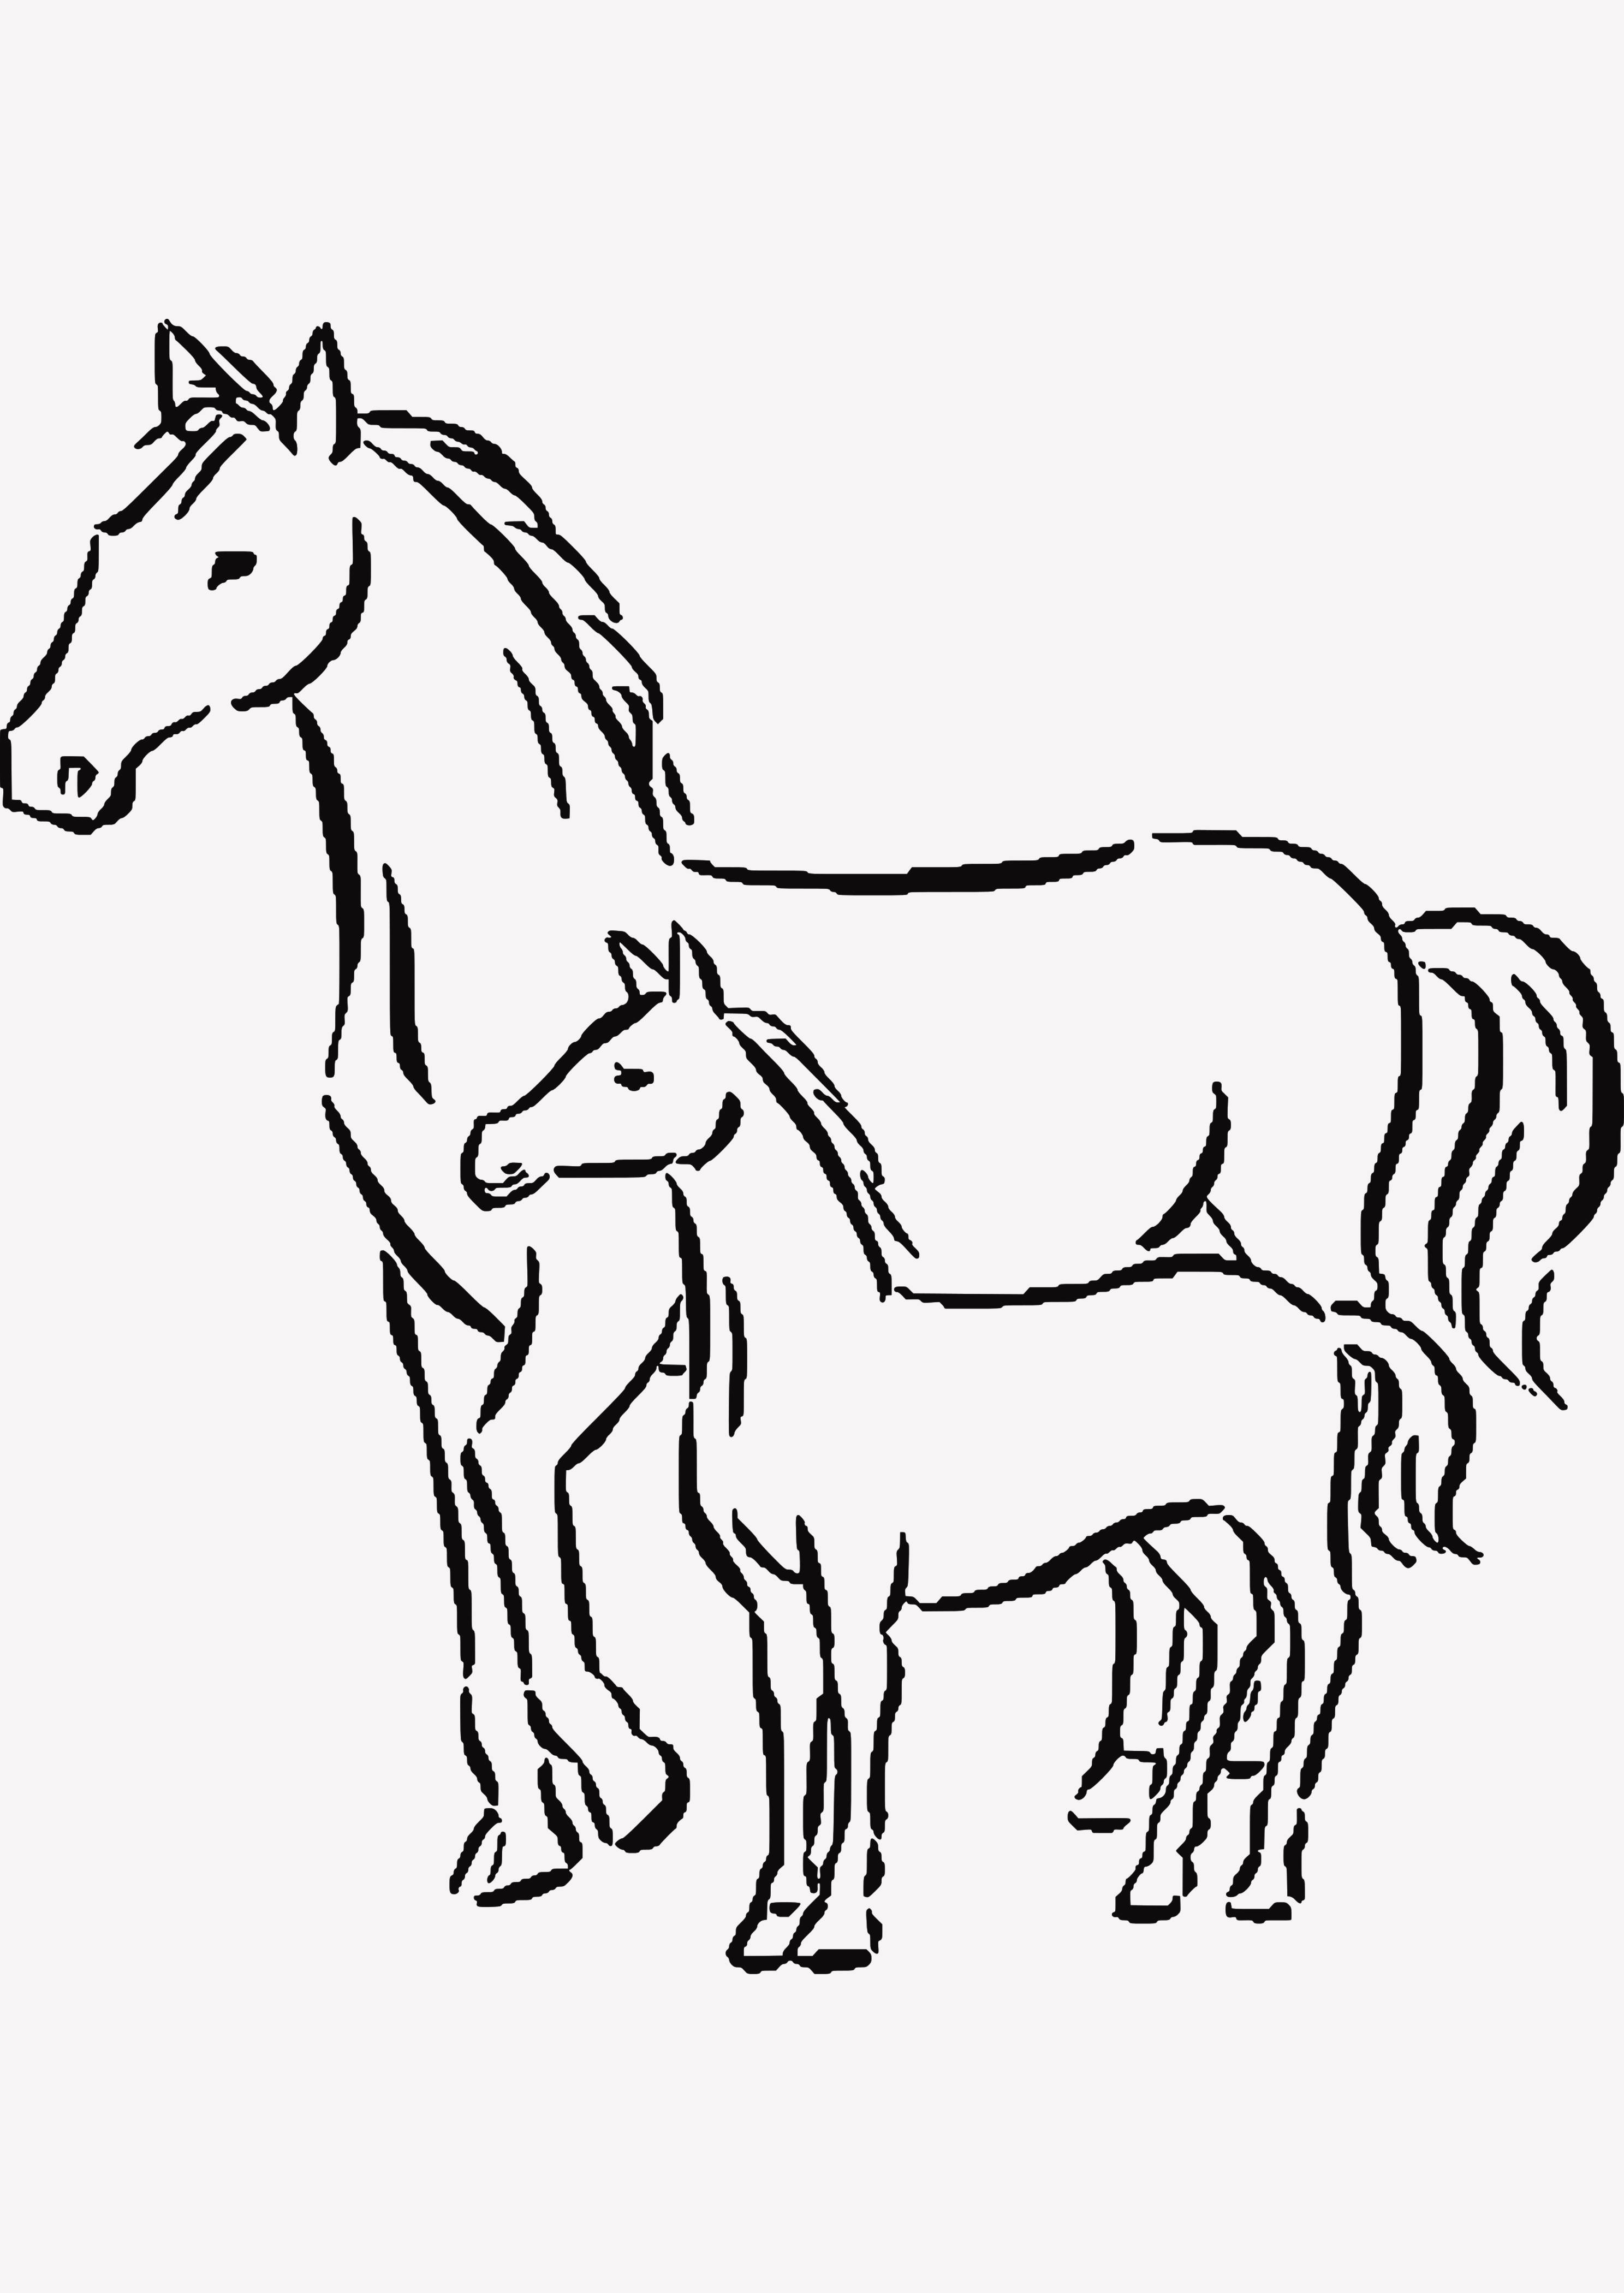 Ausmalbilder Pferde Turnier Einzigartig 25 Genial Pferde Ausmalbild Zum Ausdrucken Fotos